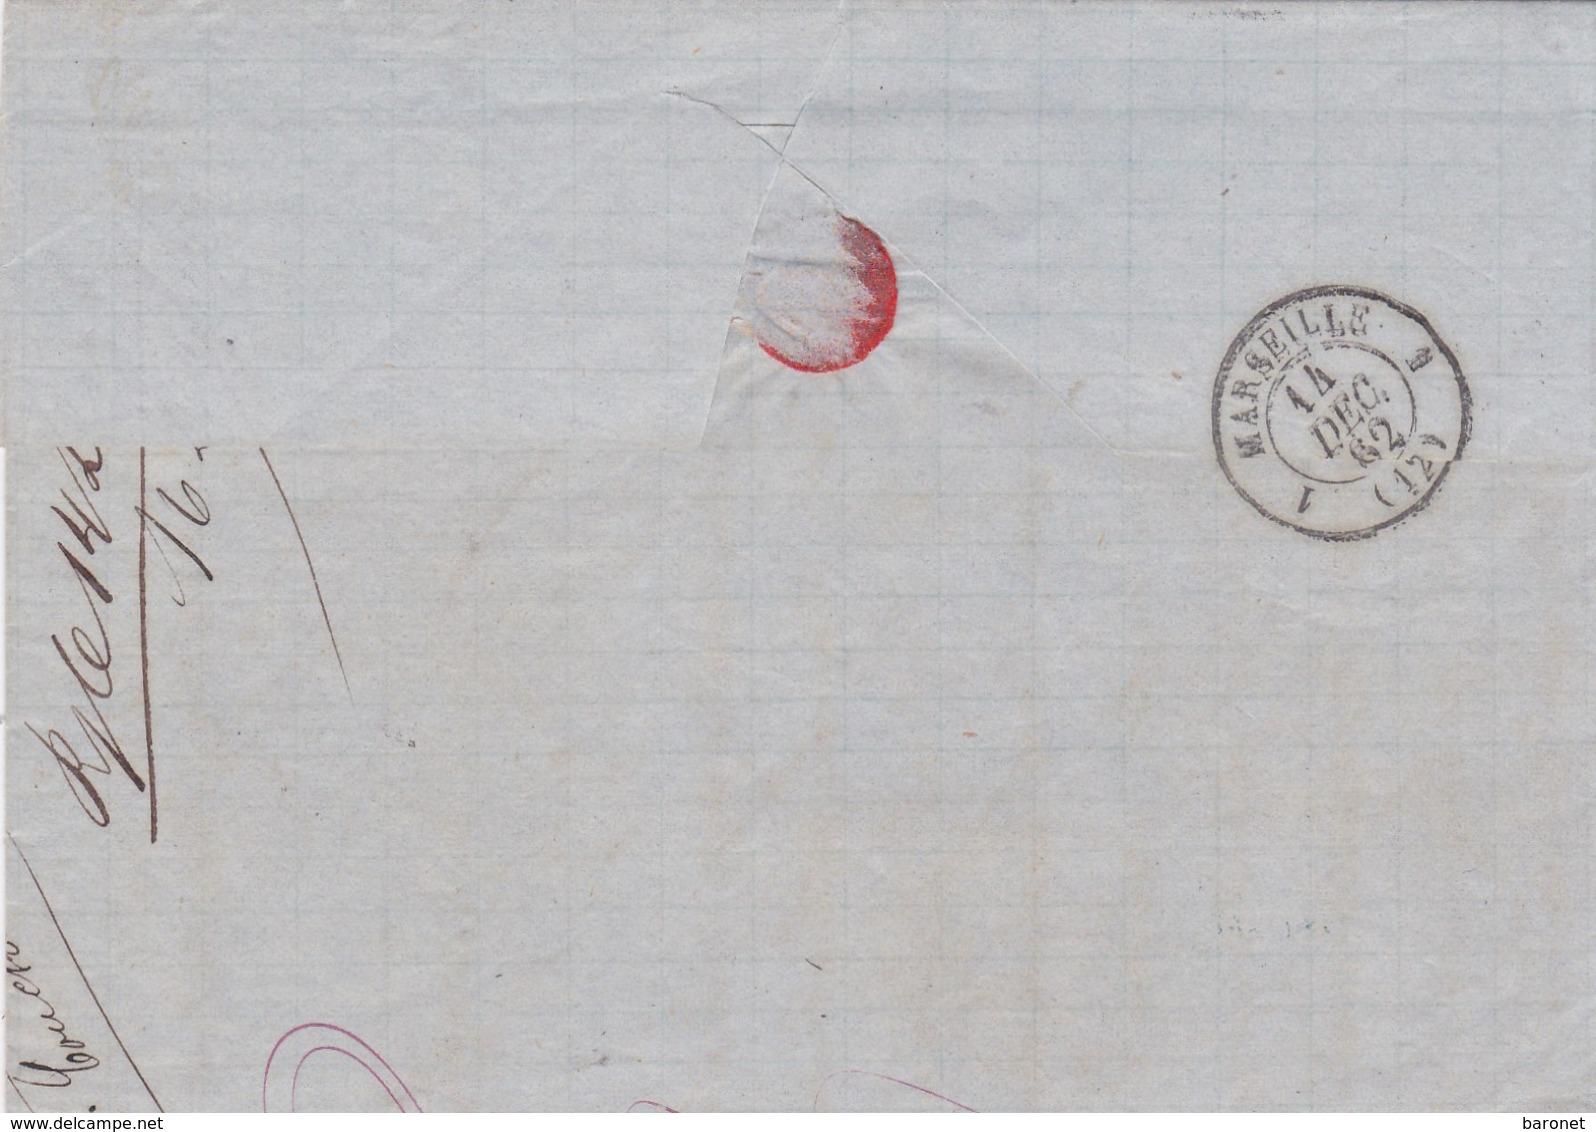 N° 14 S / L Complète Avec Texte GC 5051 + T 15 Oran Algerie 10 Dec 62 Pour Marseille - Marcophilie (Lettres)